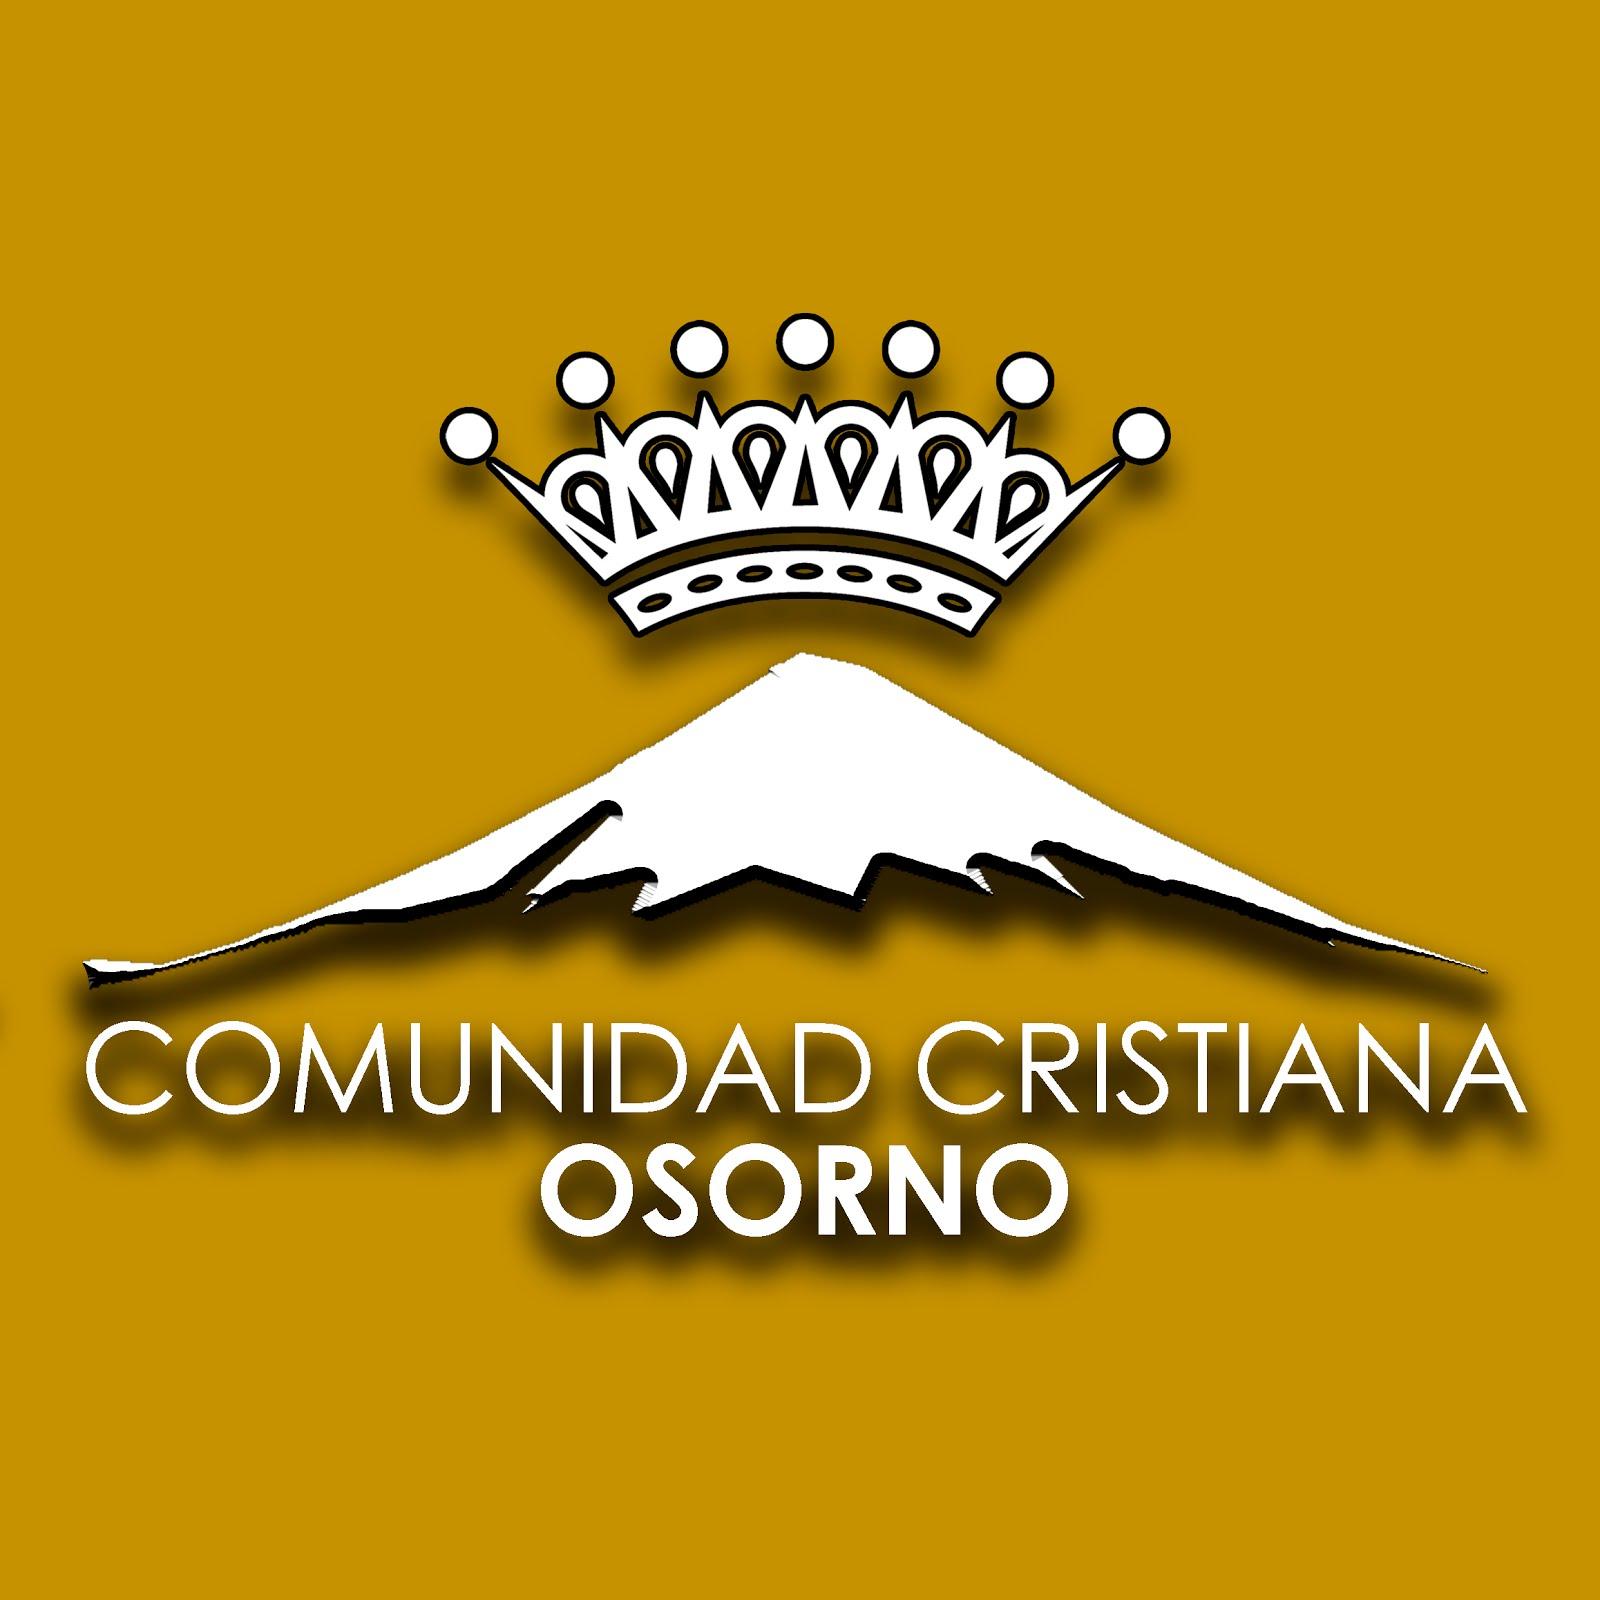 www.ComunidadCristianaOsorno.cl